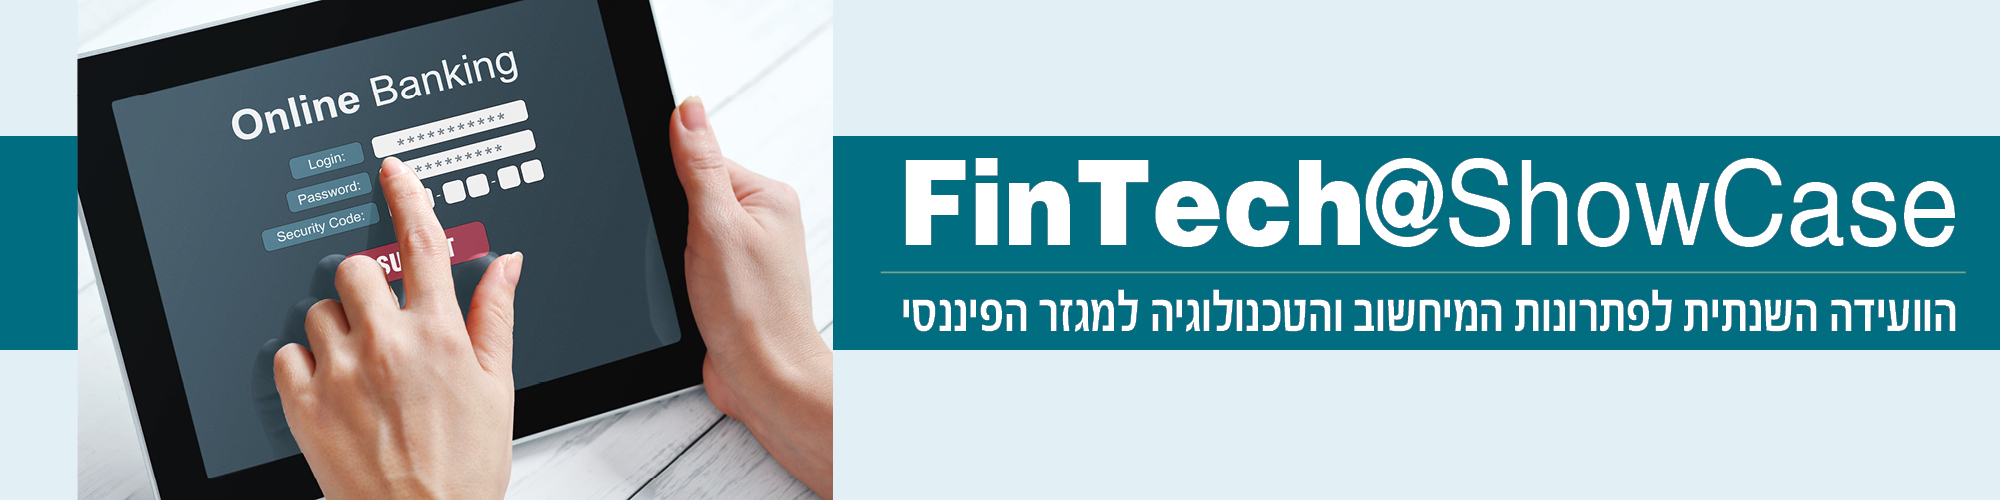 Fintech2000x500